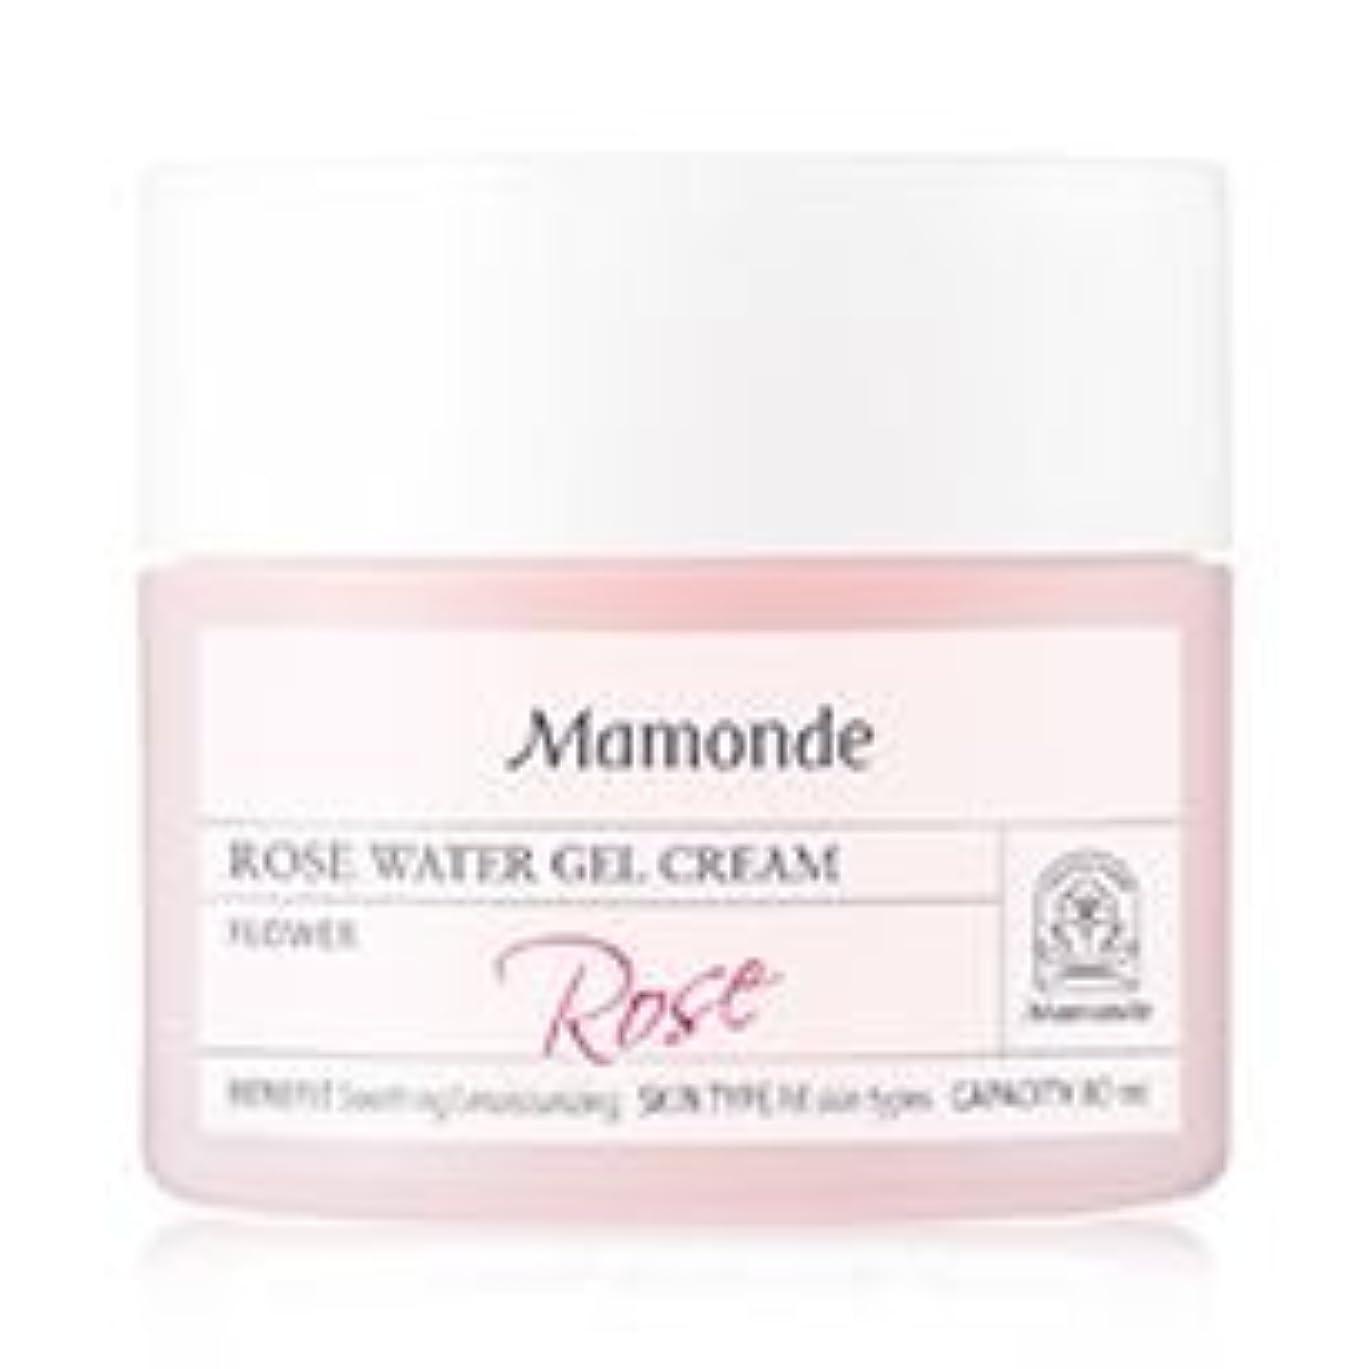 文言について意識[Mamonde] Rose Water Gel Cream 80ml /[マモンド]ローズウォータージェルクリーム80ml [並行輸入品]